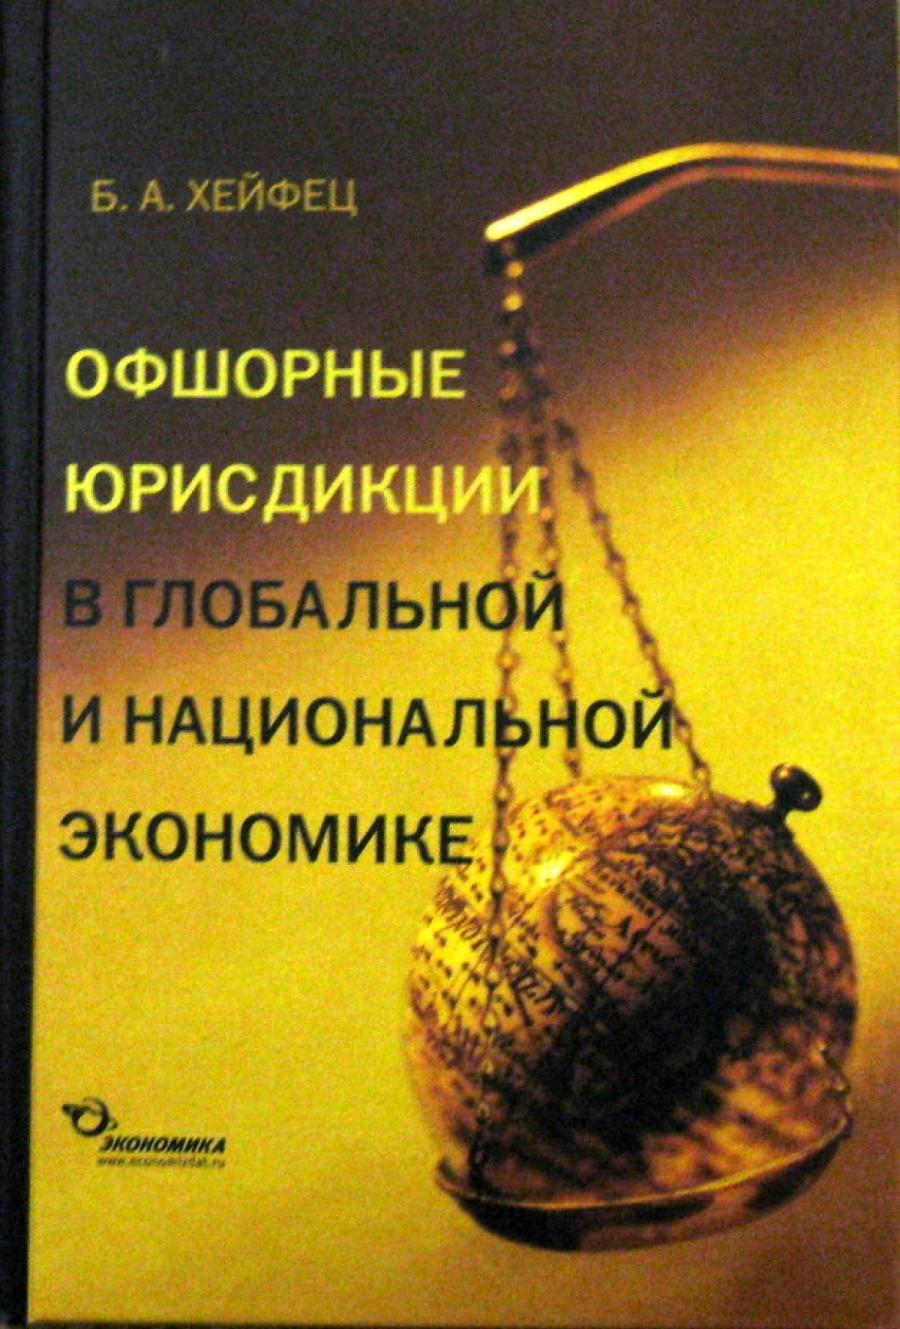 Обложка книги:  б.а. хейфец - офшорные юрисдикции в глобальной и национальной экономике.